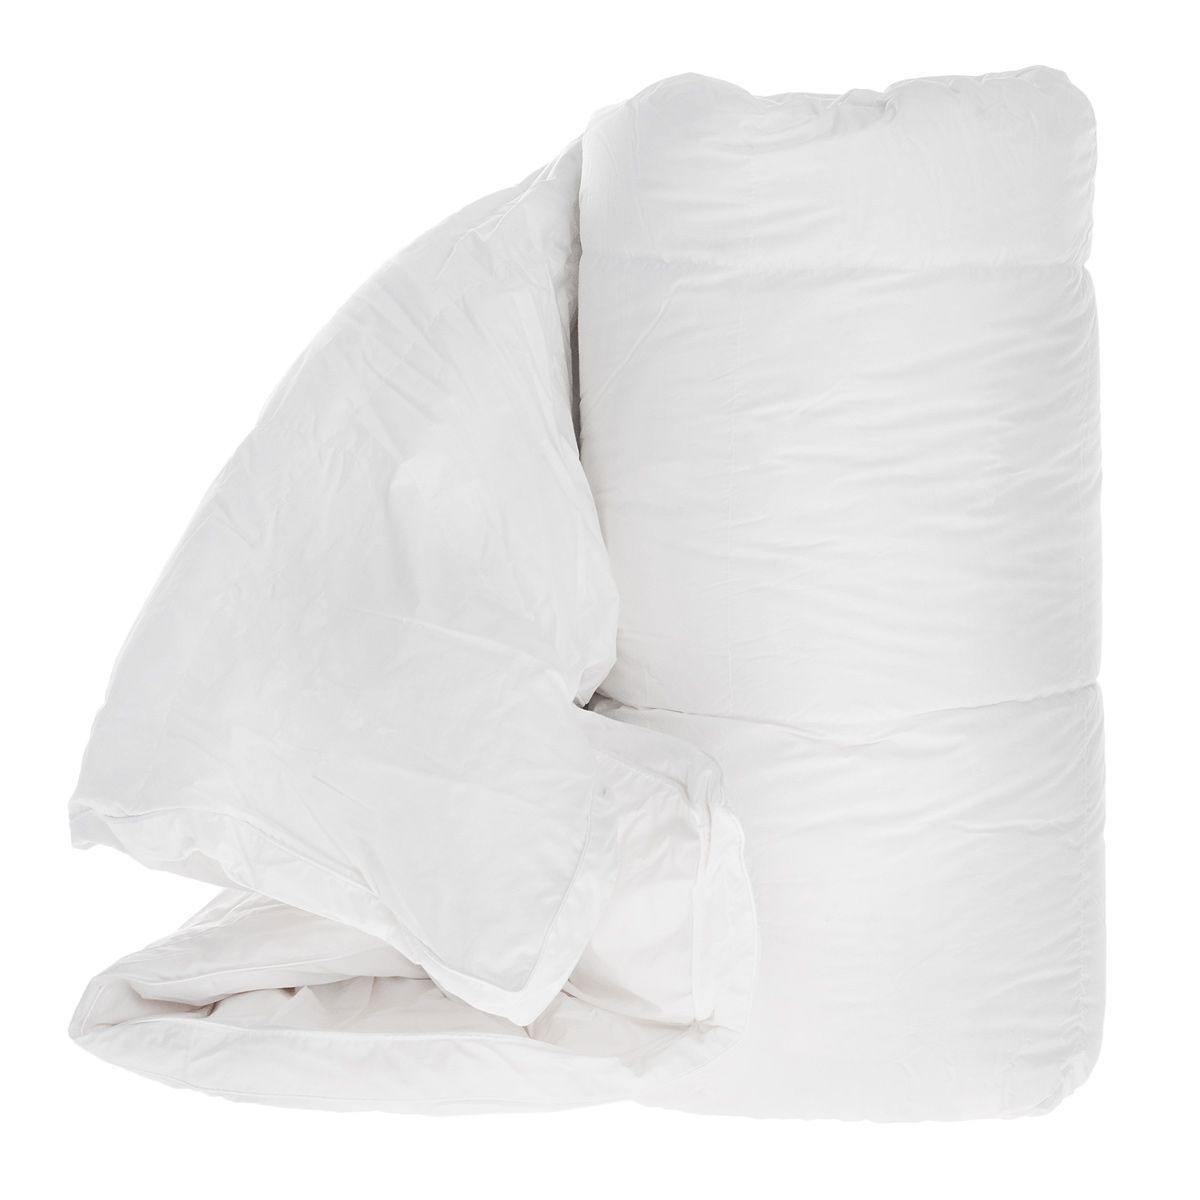 Одеяло TAC Shiny, наполнитель: гусинные пух и перья, 155 x 215 см одеяло натуральное 320 г м² 70% пуха обработка против клещей